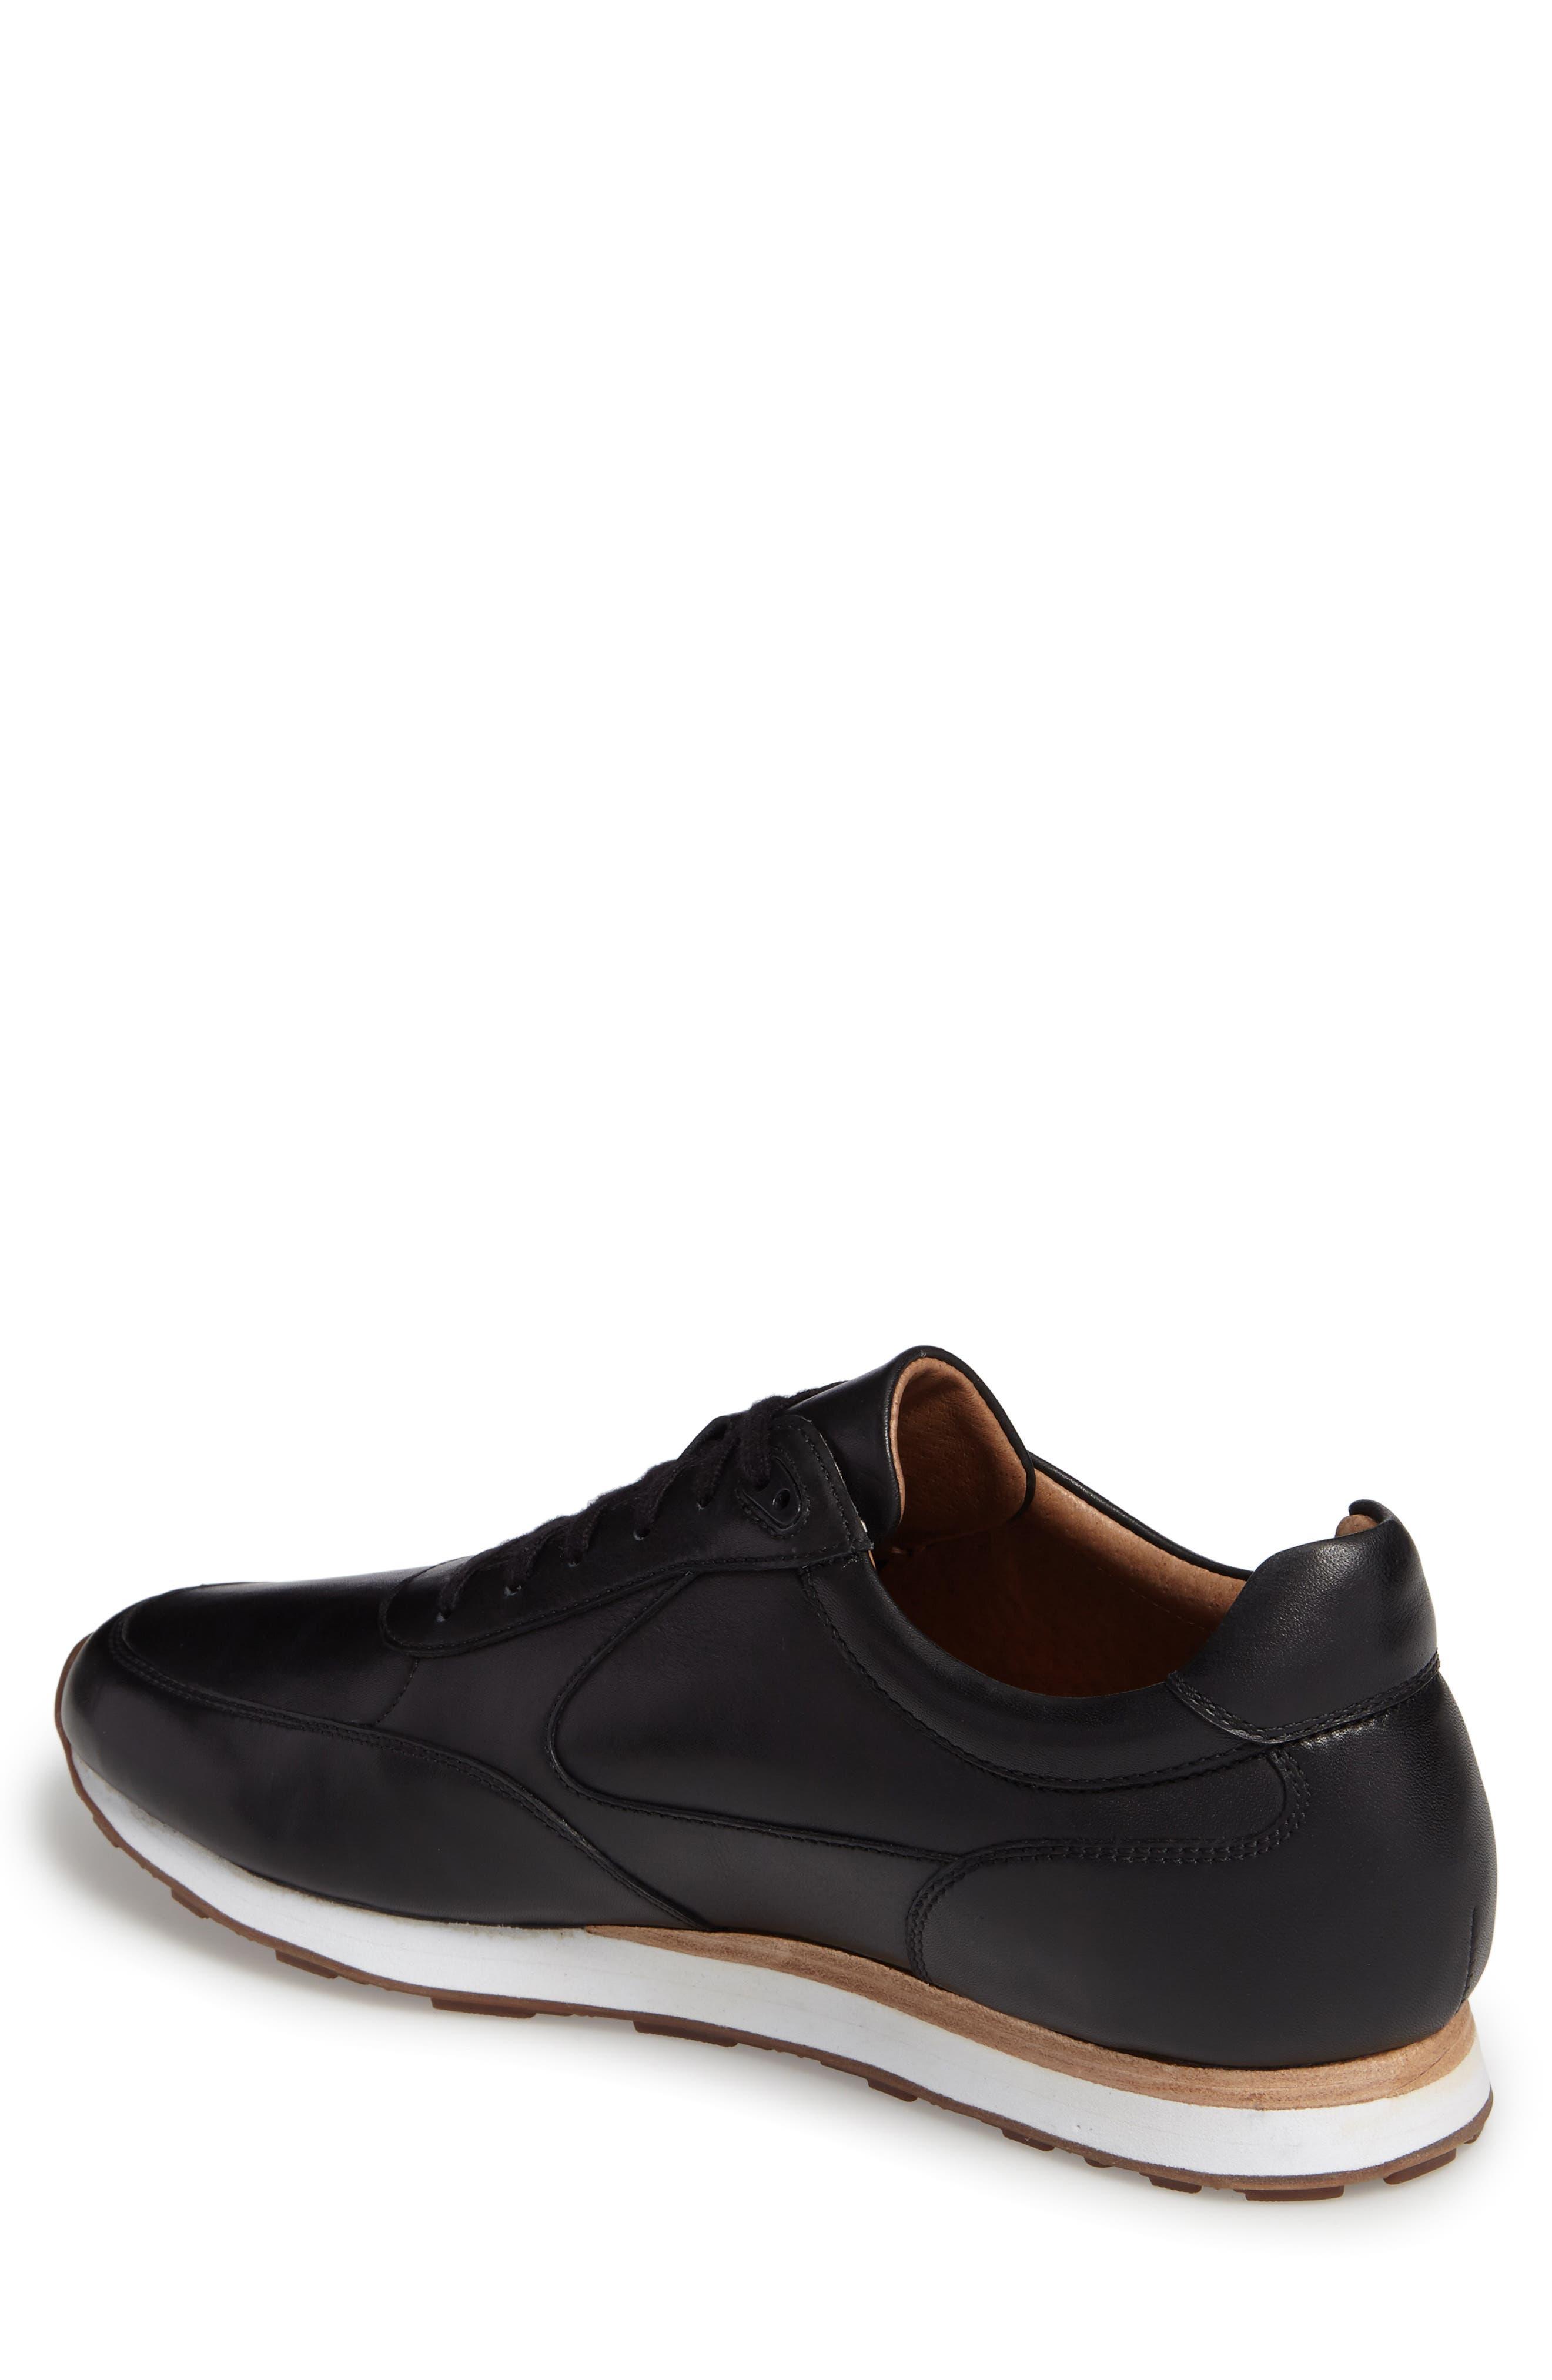 Malek Sneaker,                             Alternate thumbnail 2, color,                             001